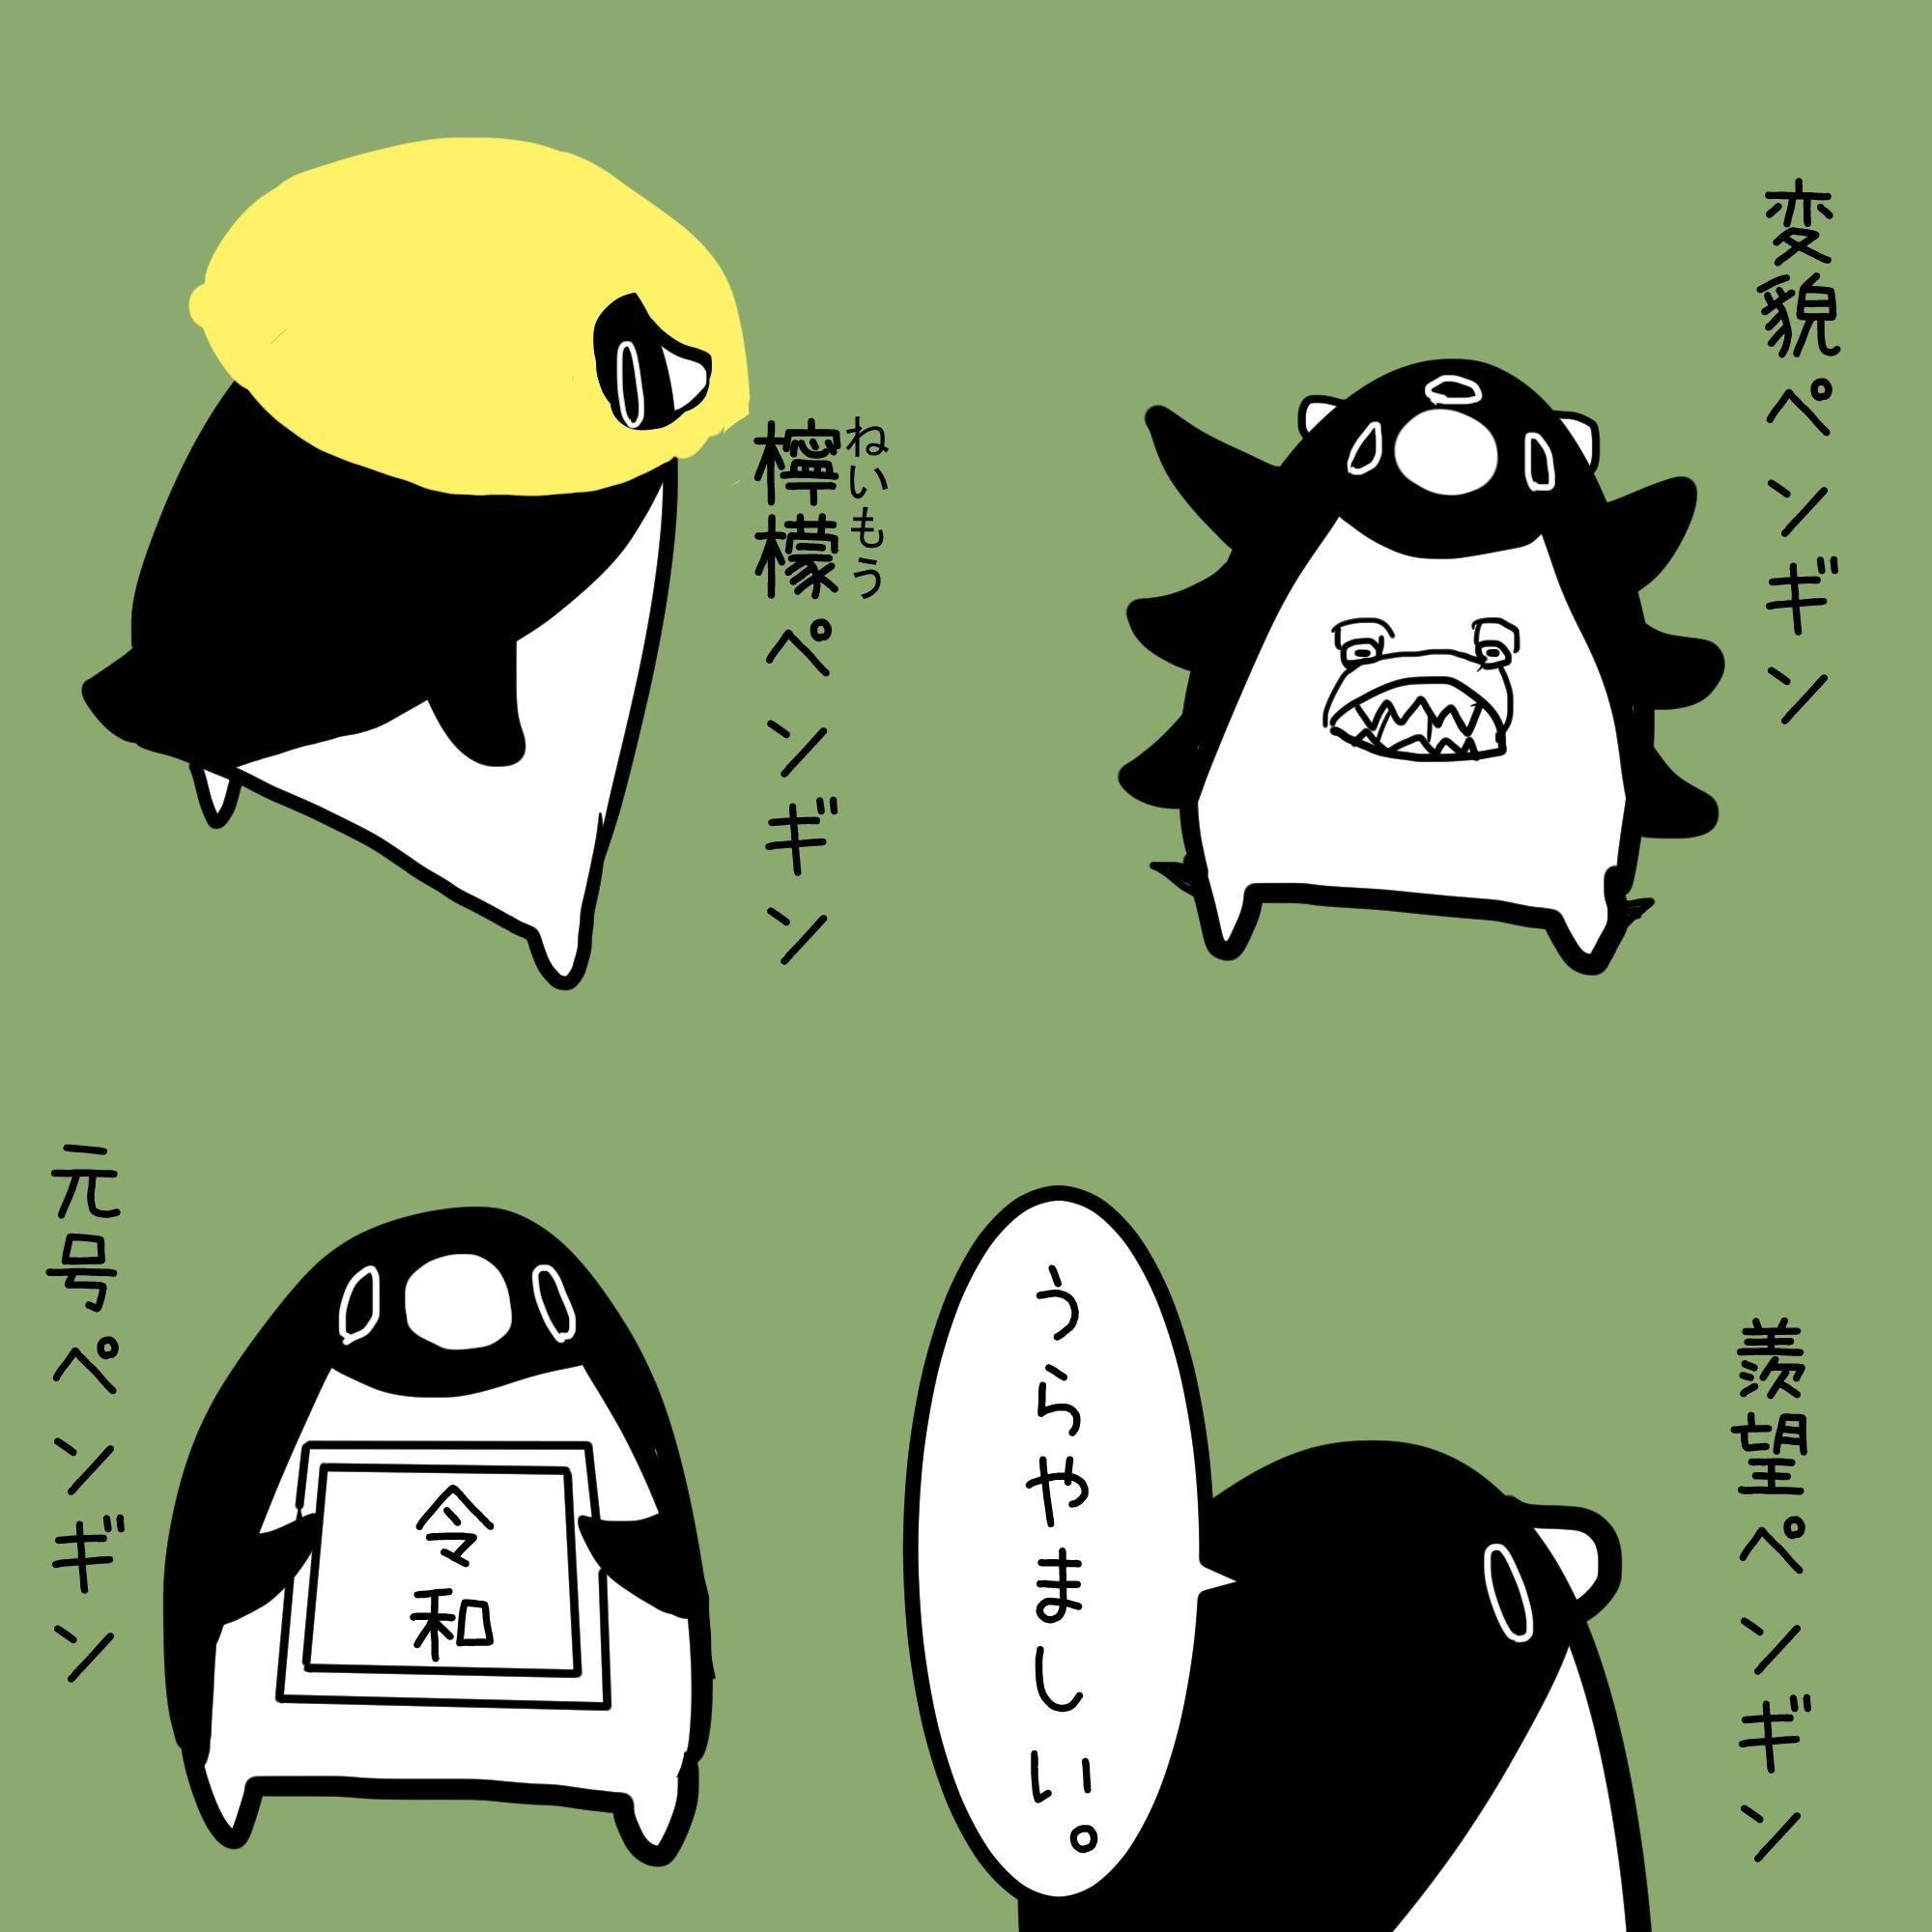 とりのささみ 漫画家 On 漫画 ペンギン 動画 ささみ